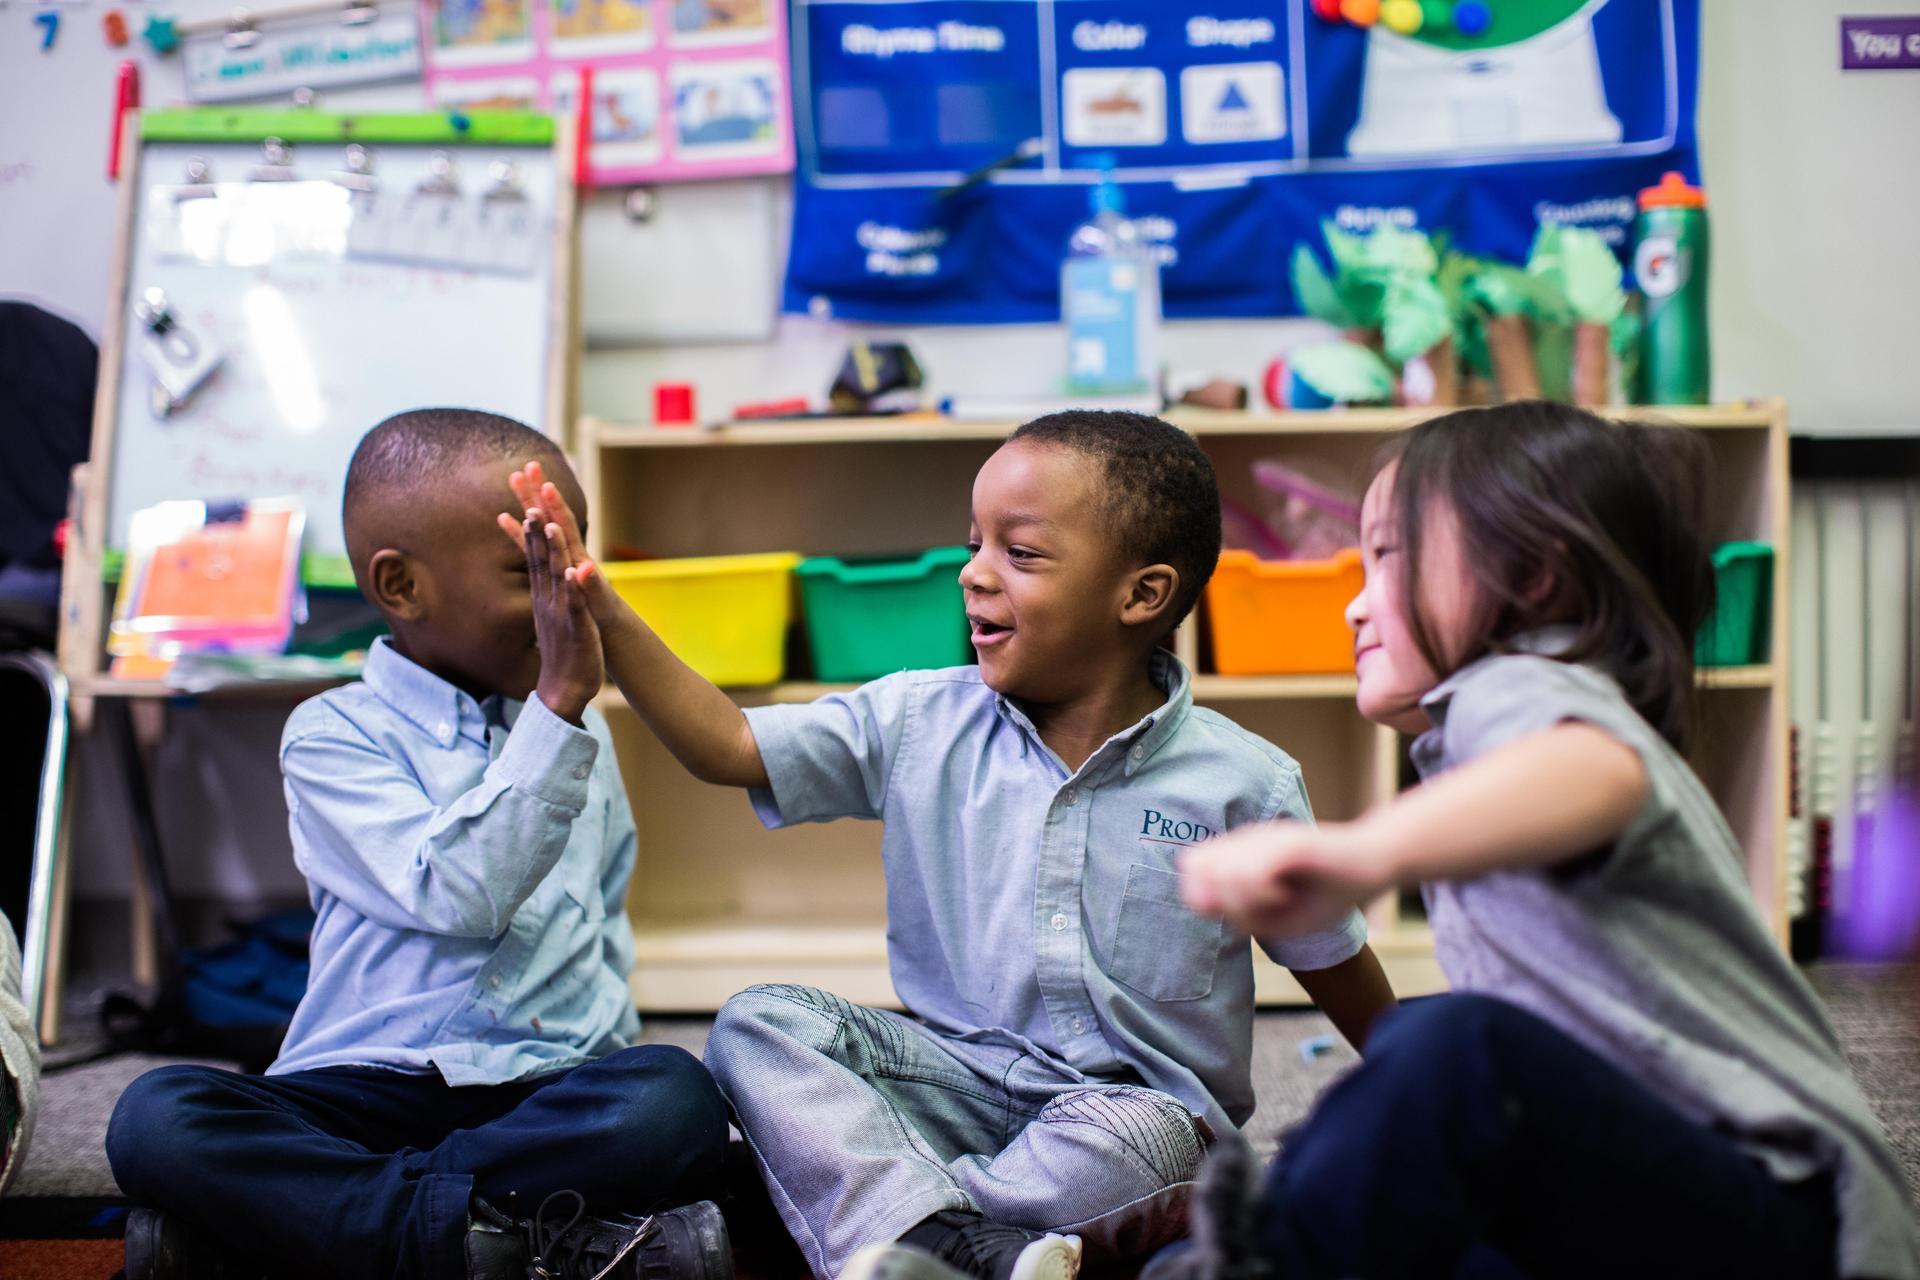 Preschoolers high-fiving